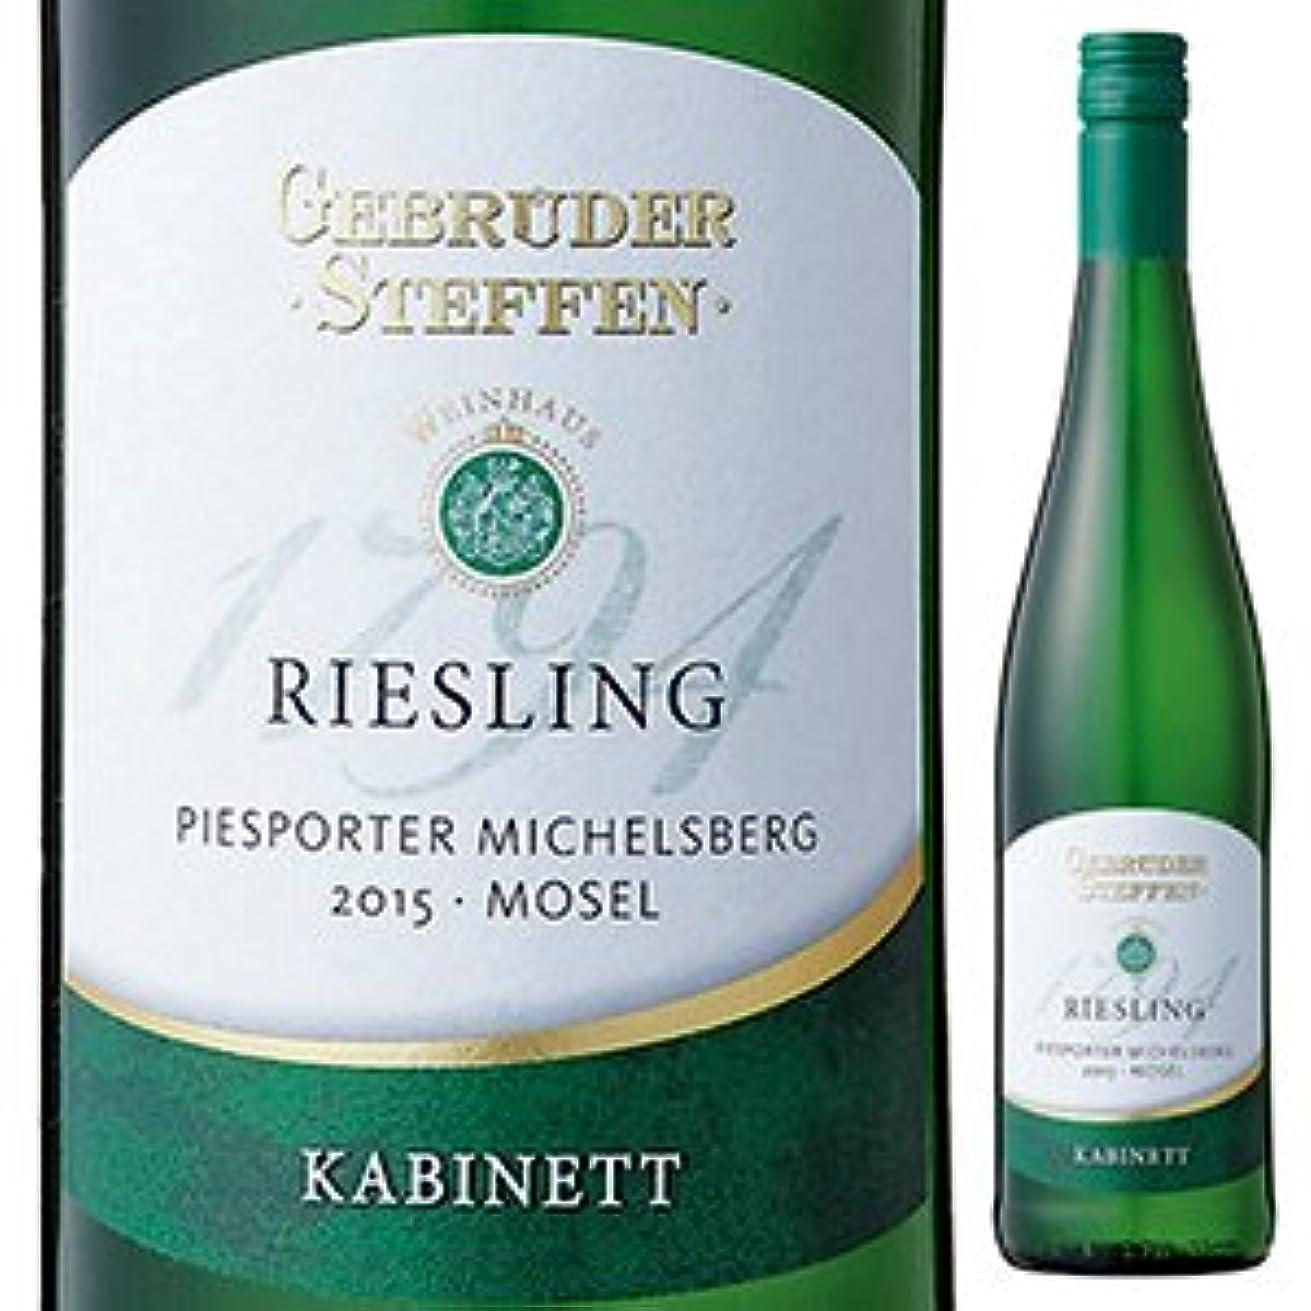 することになっているデザート要求ピースポーター ミヒェルスベルク リースリング カビネット 白 750ml 1本 【ドイツワイン】